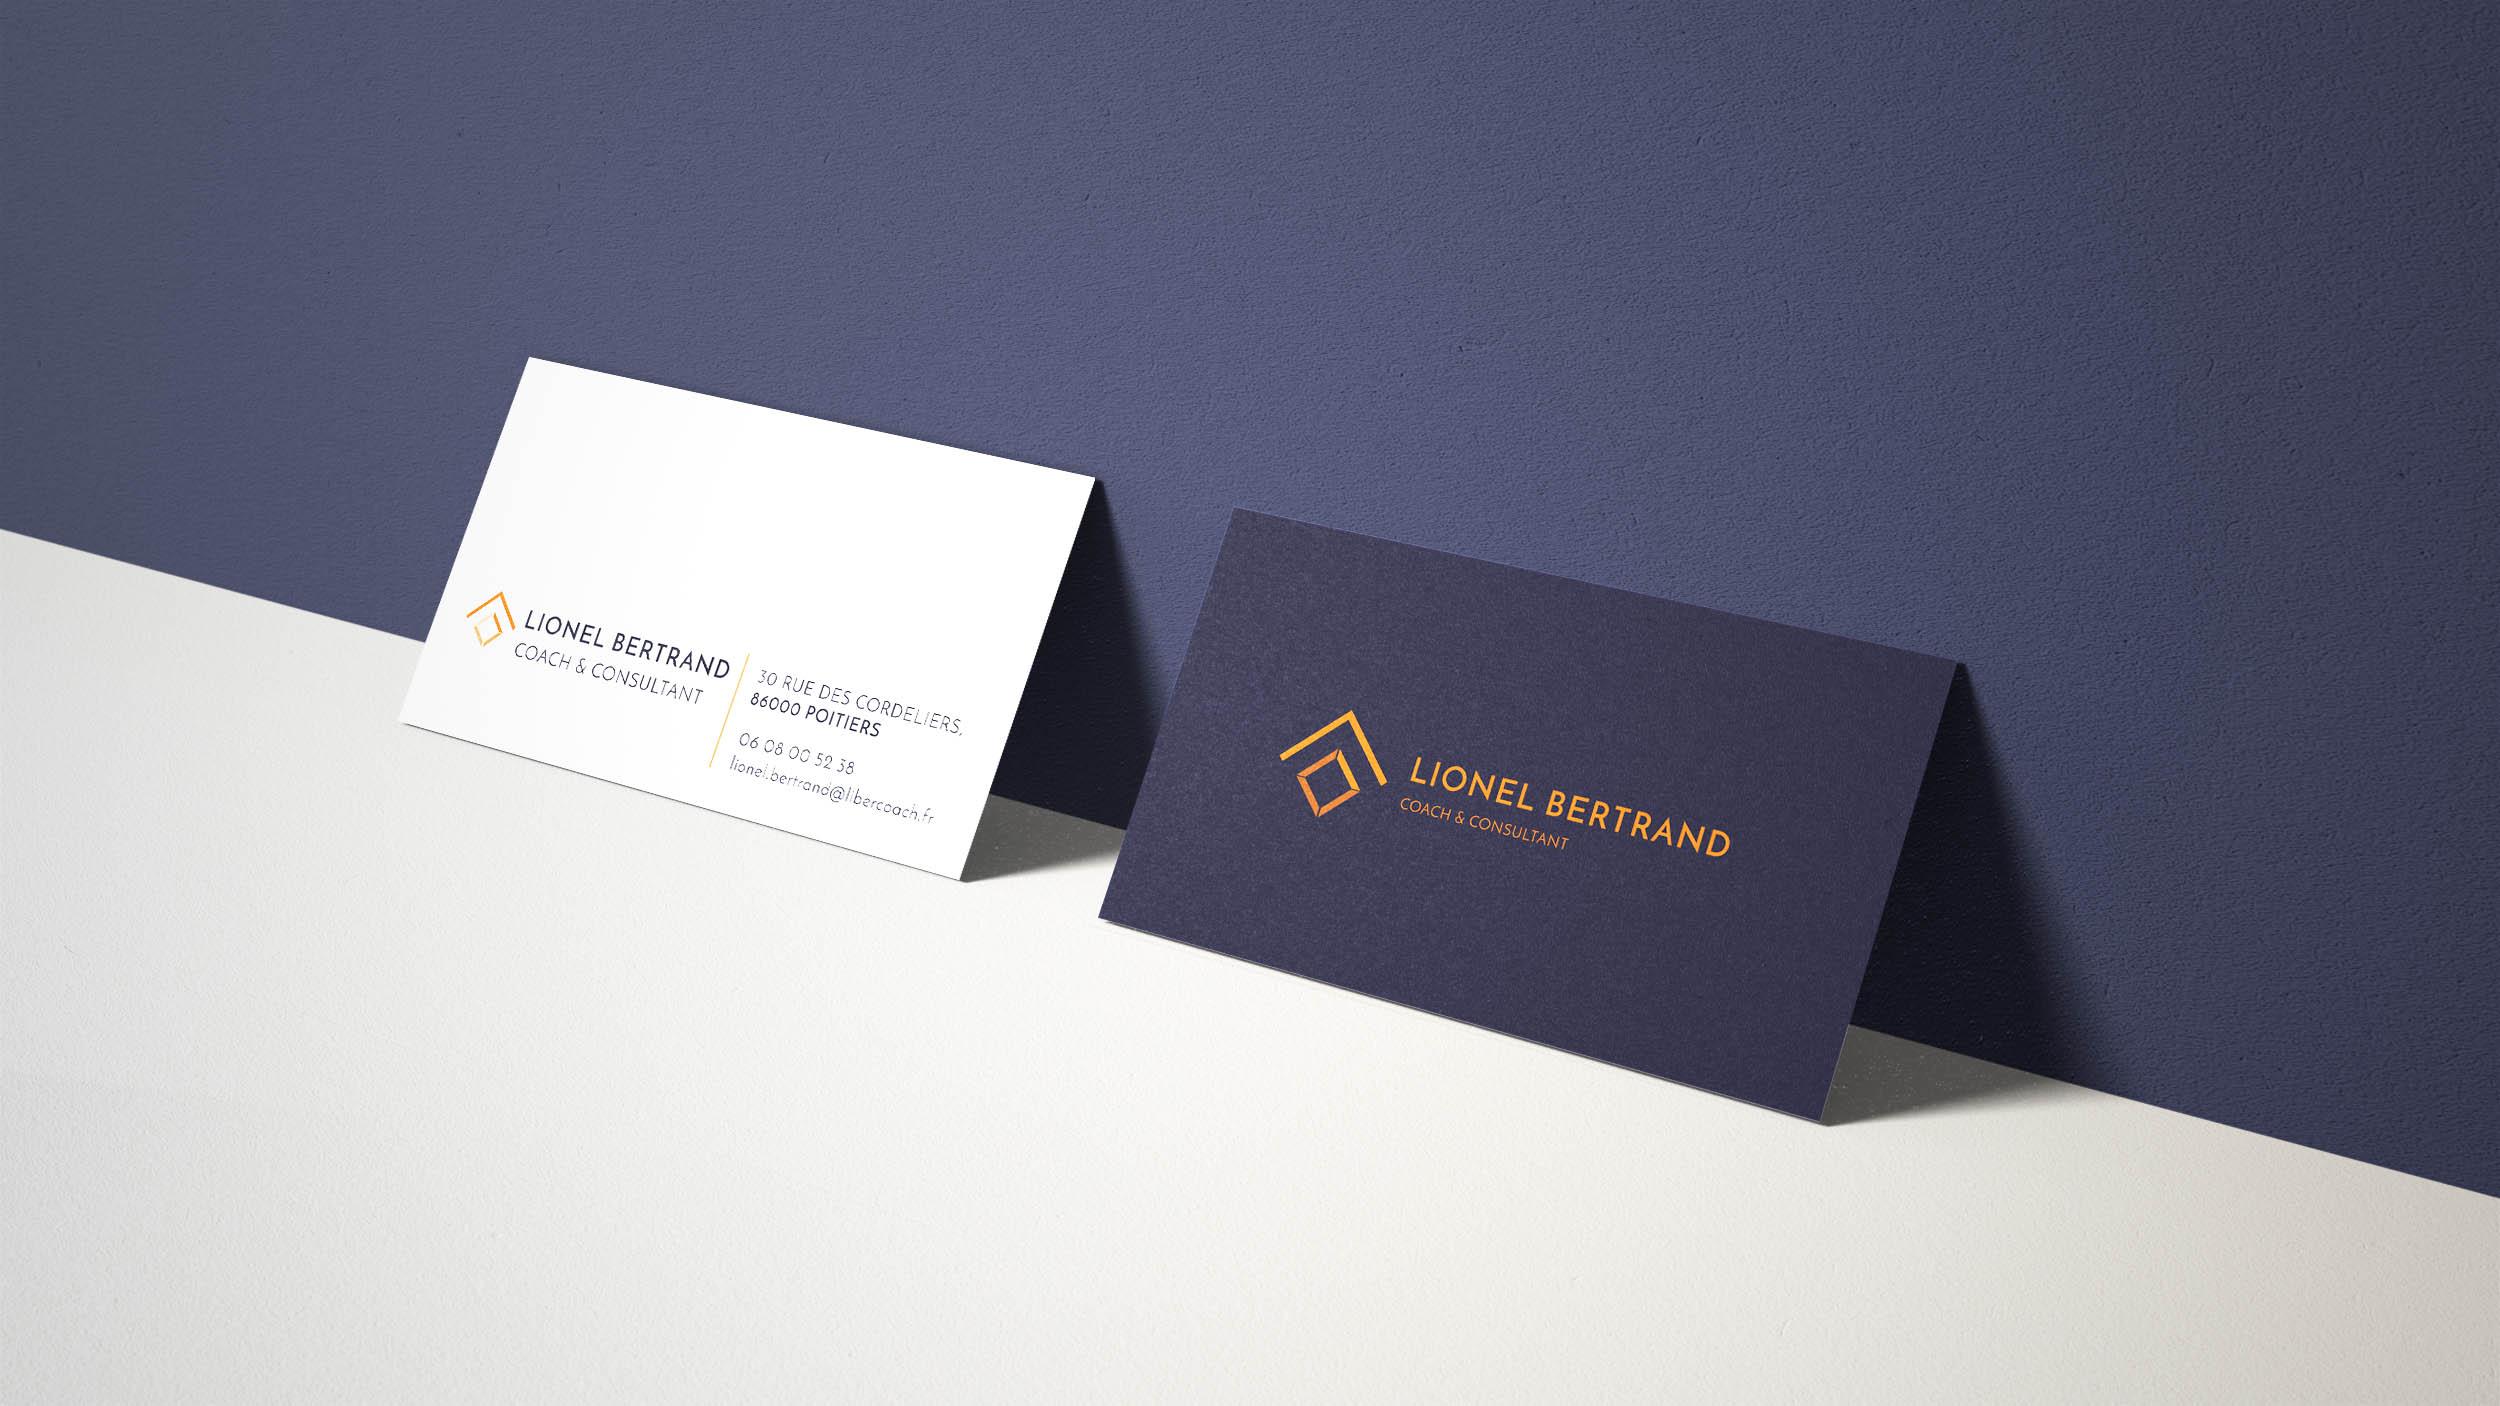 mariebabeau_graphiste-freelance-photographe-freelance-strasbourg-poitiers-Lionel Bertrand-Coach de vie-Poitiers-Création-Logo-Charte Graphique